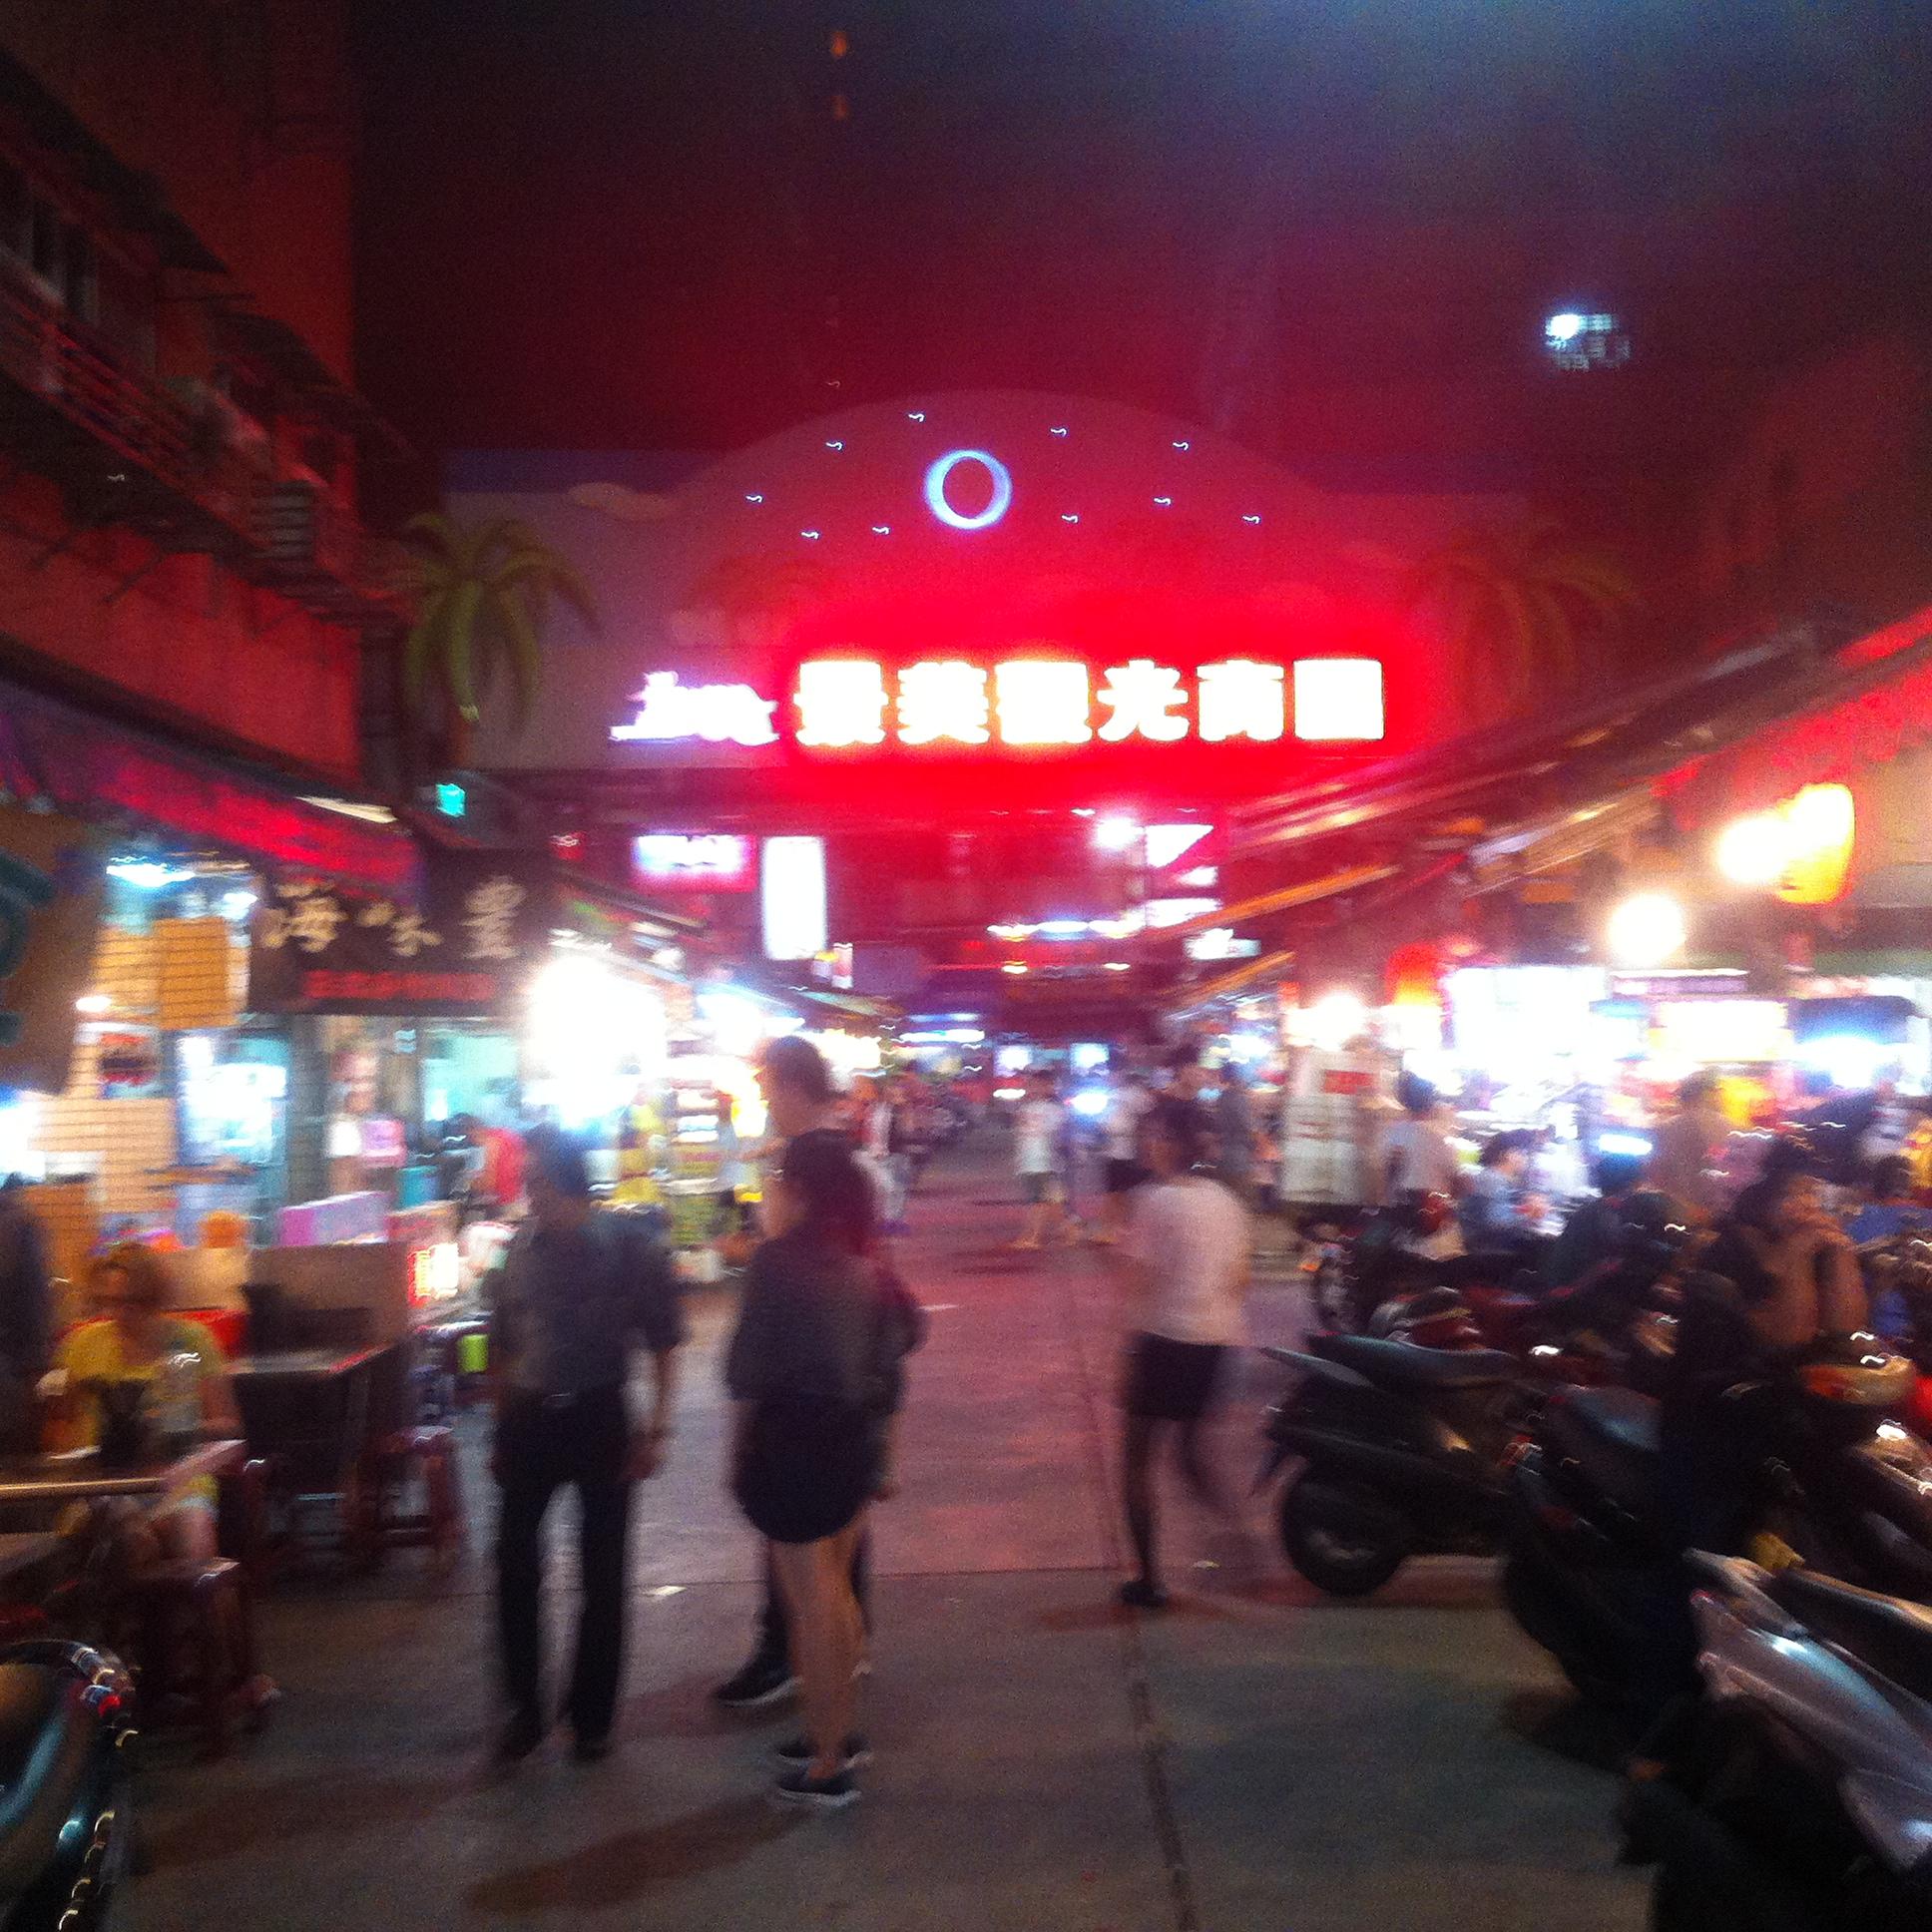 【夜市】景美夜市は30年あまりの歴史がある伝統夜市だ。